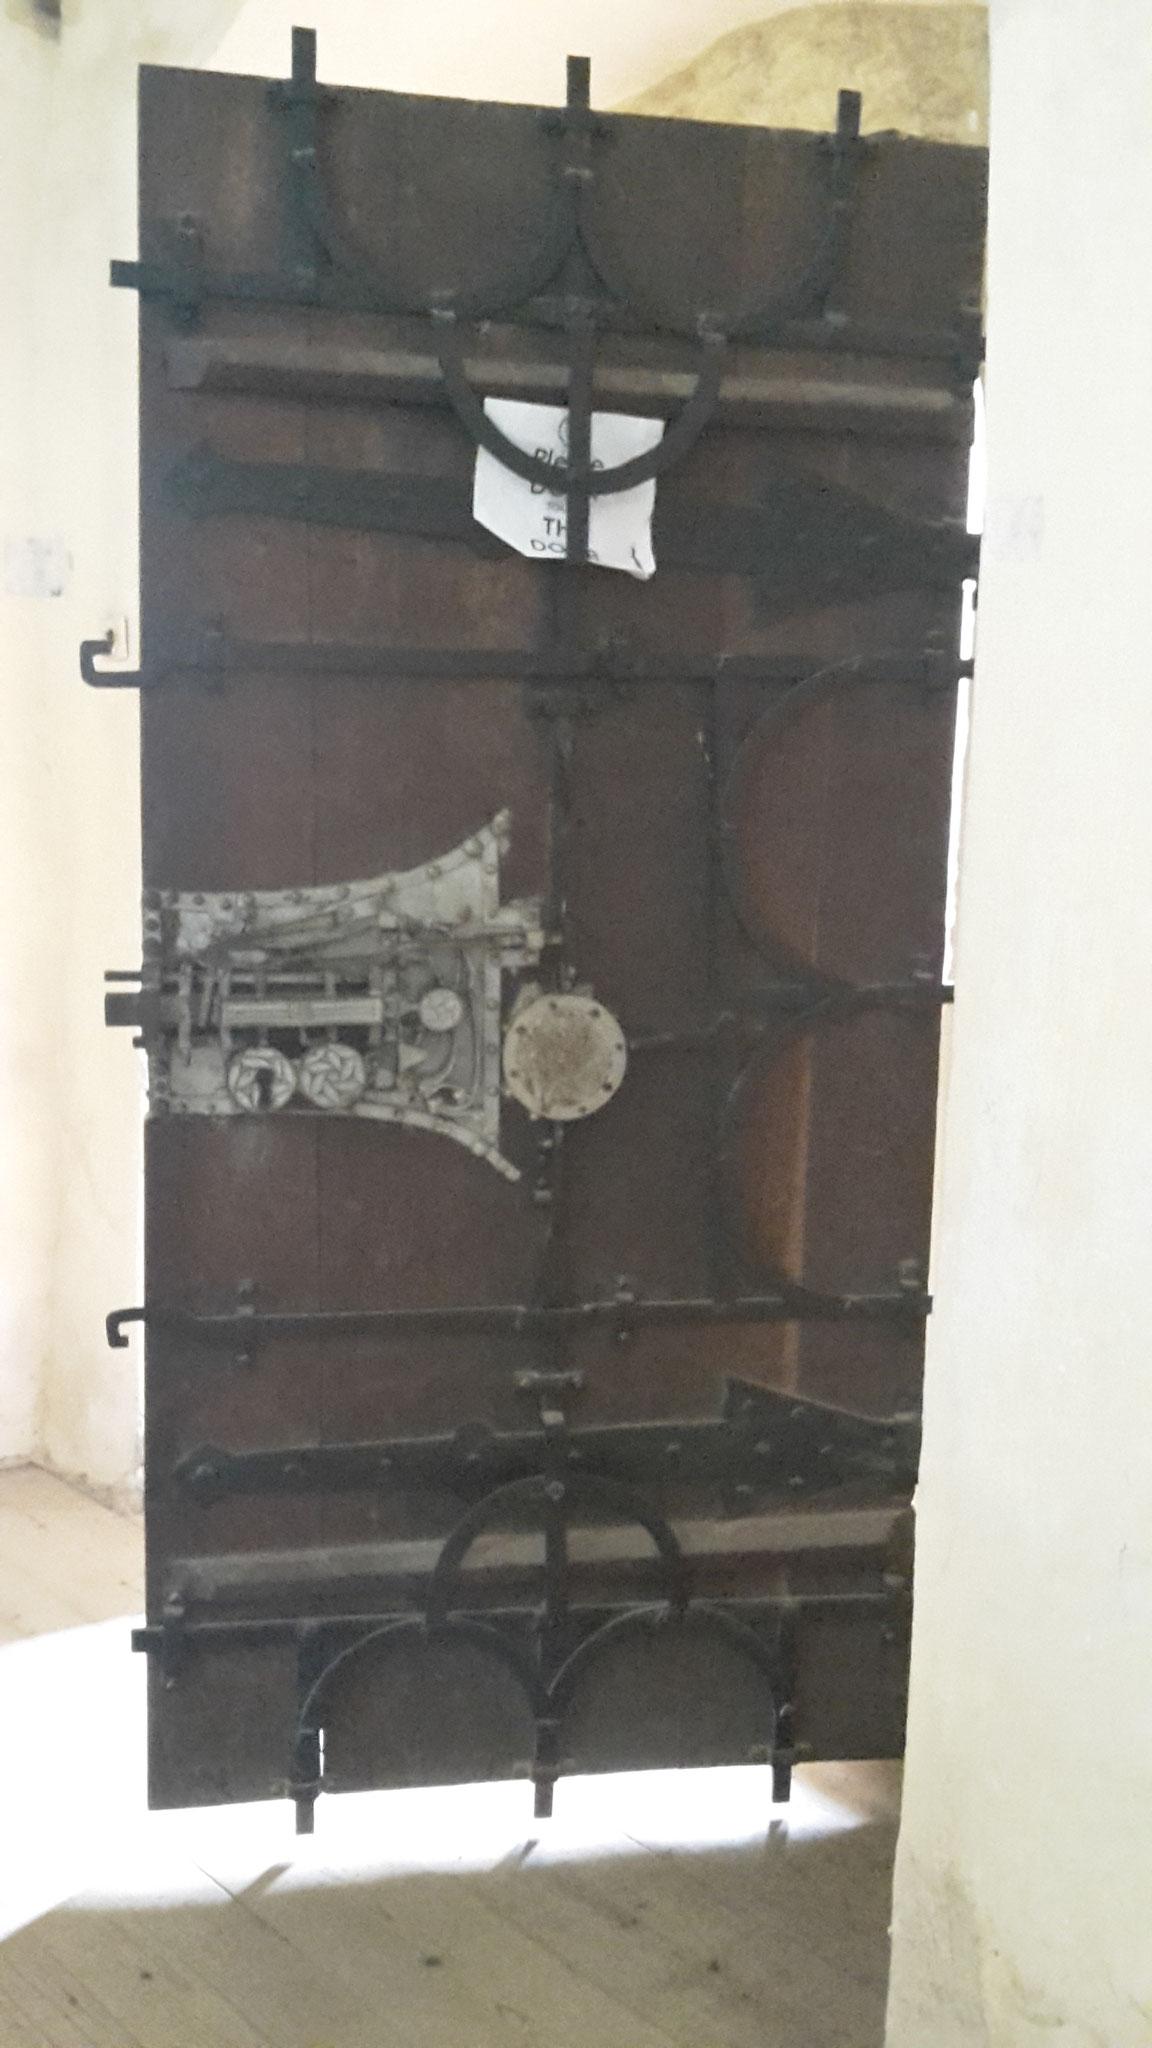 mecanismo de cerradura con las 19 barras